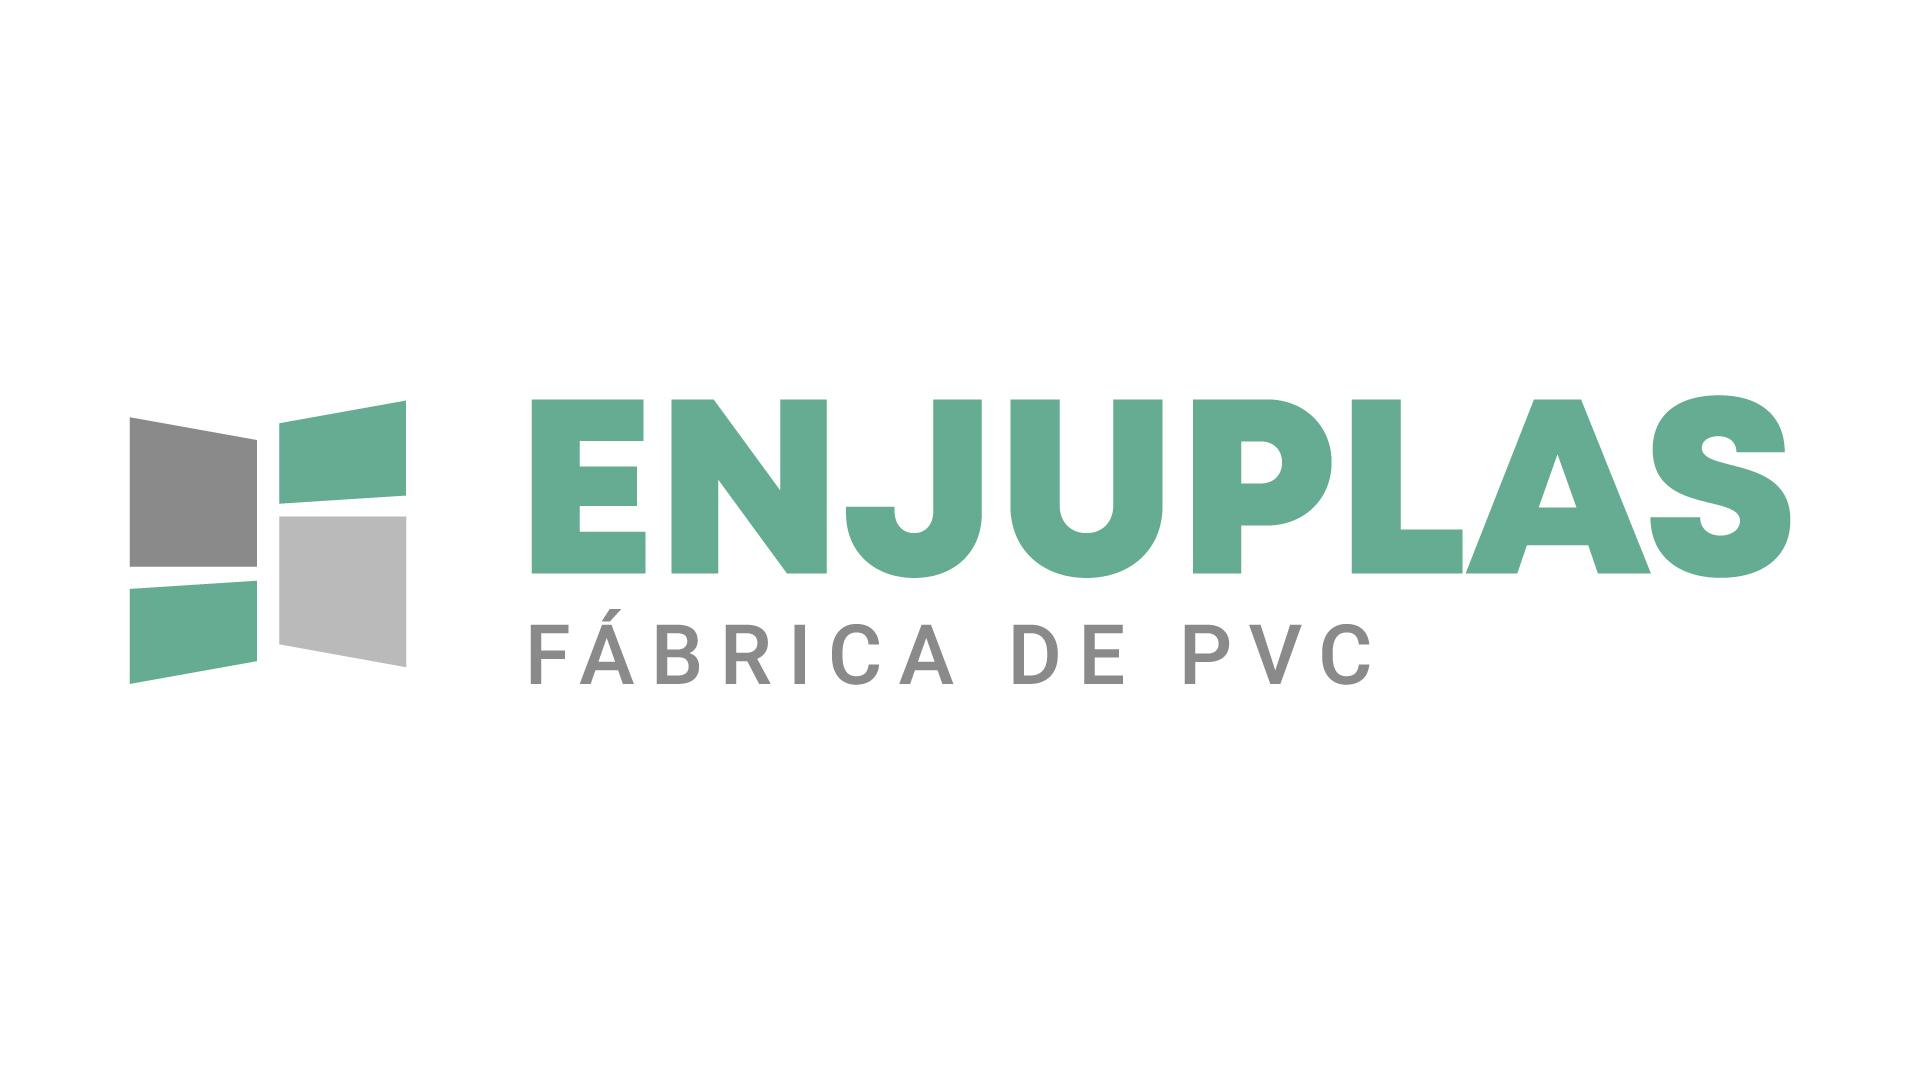 Enjuplas - Fábrica de PVC en Almería